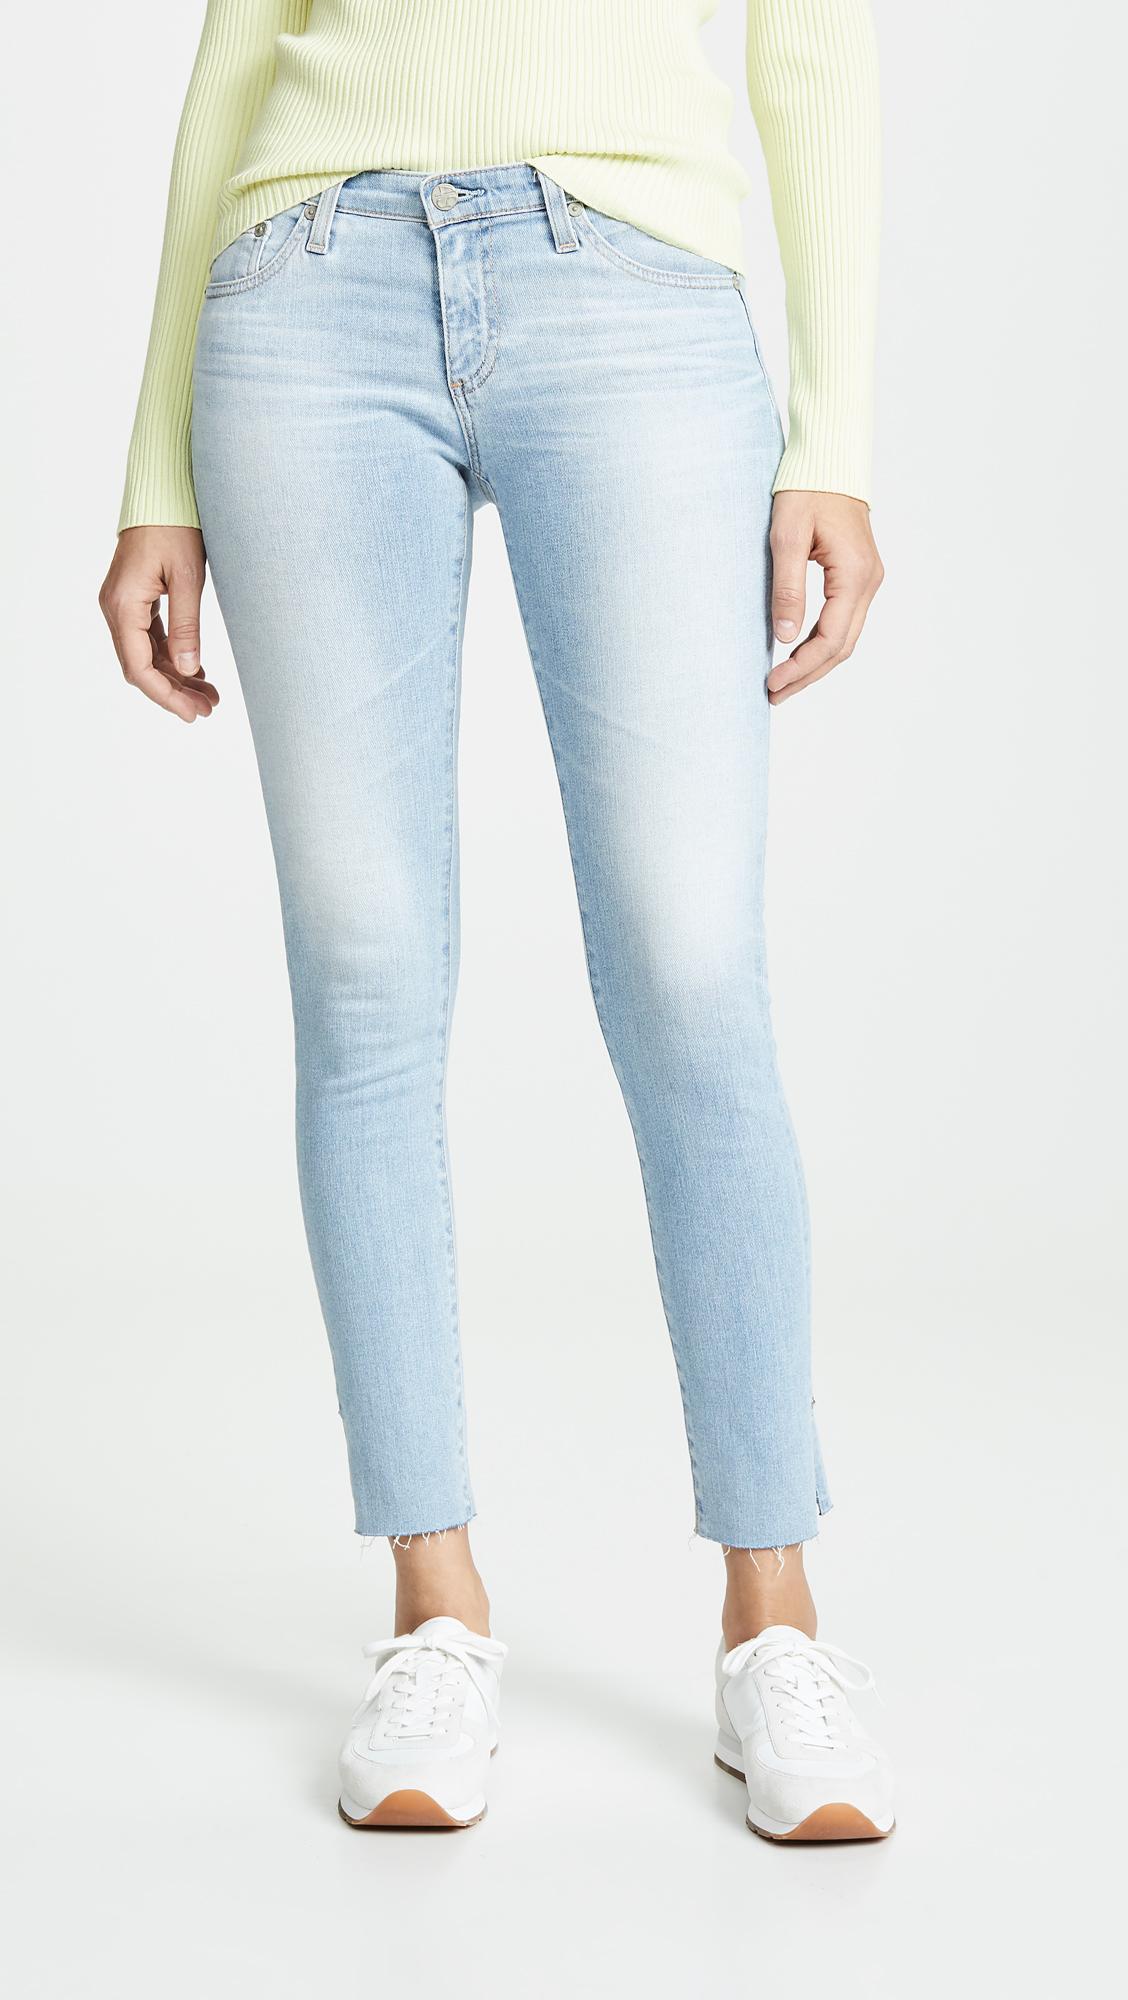 The legging, AG legging jeans